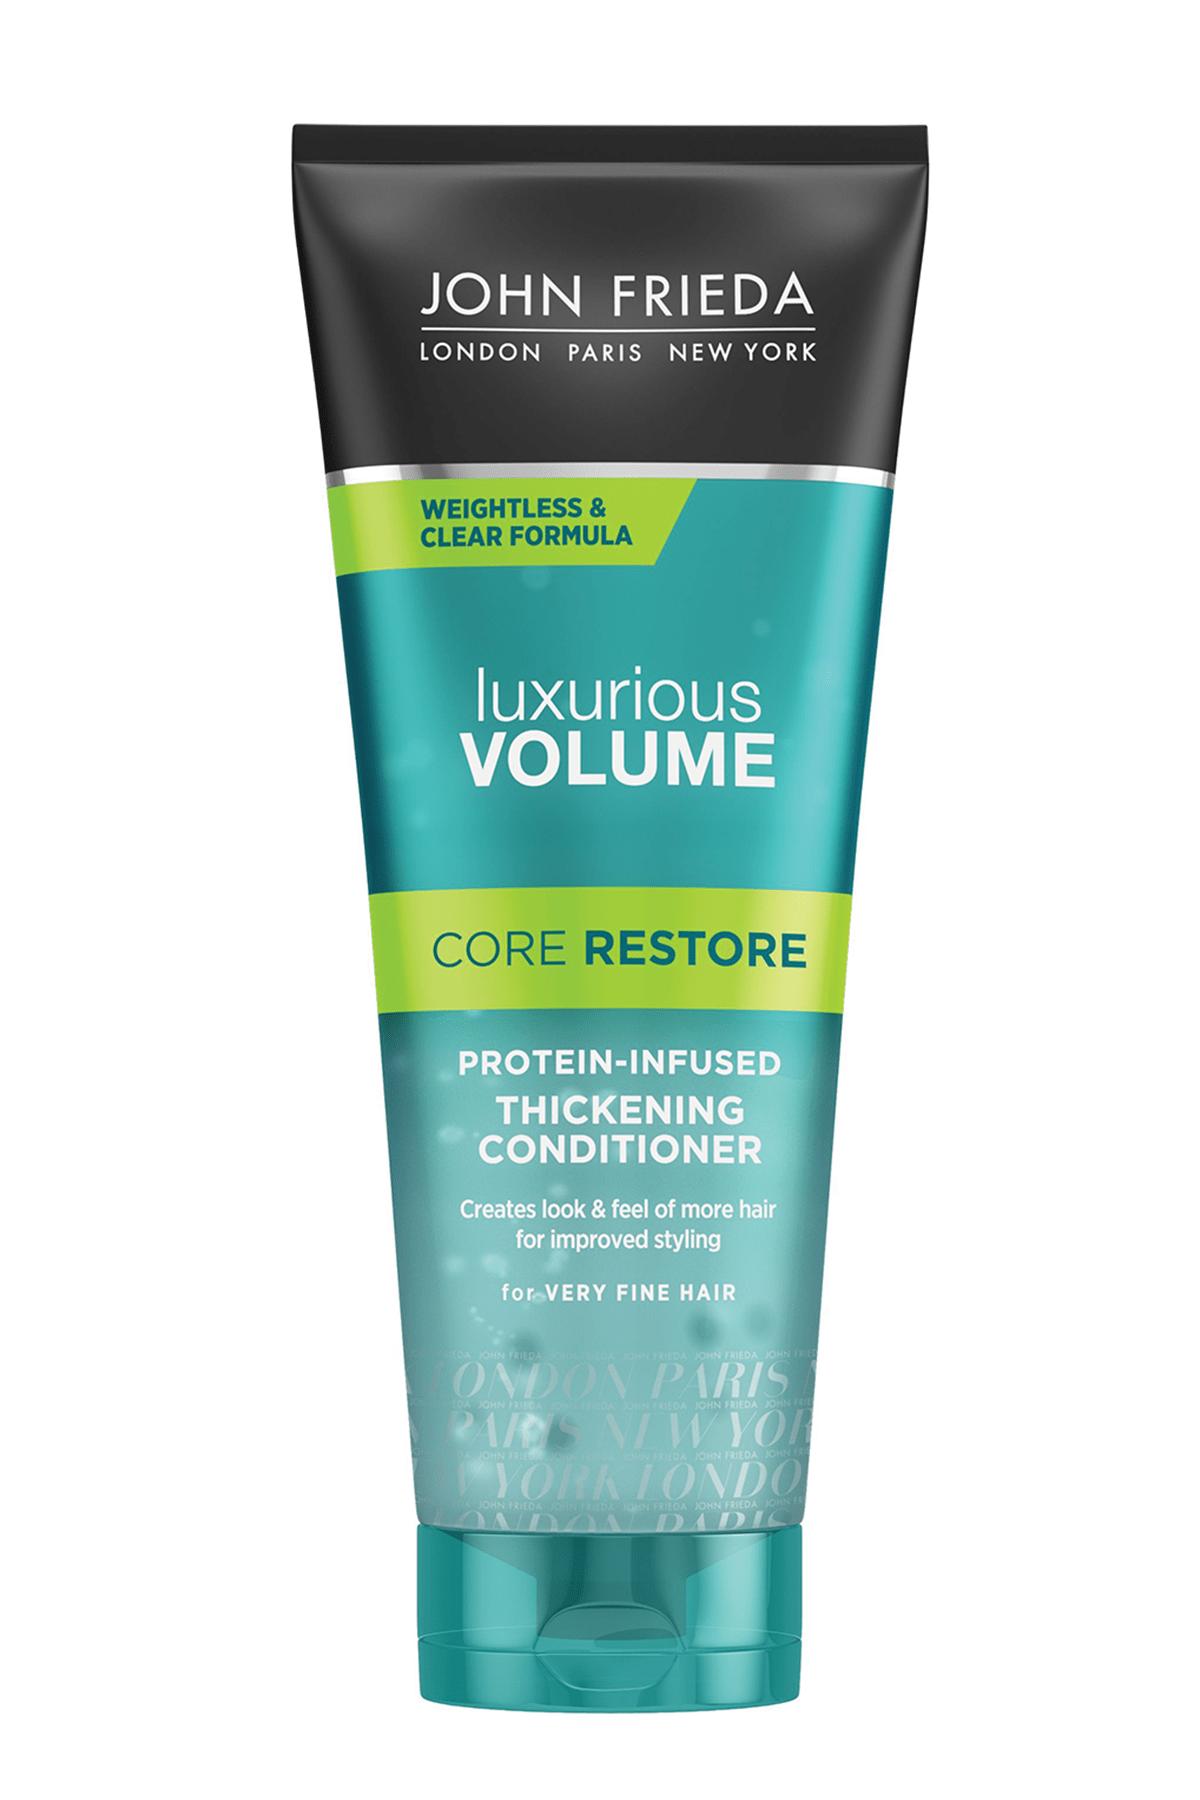 John Frieda İnce Ve Çok İnce Telli Saçlar İçin Protein Bazlı Dolgunlaştırıcı Saç Bakım Kremi 250 ml 0